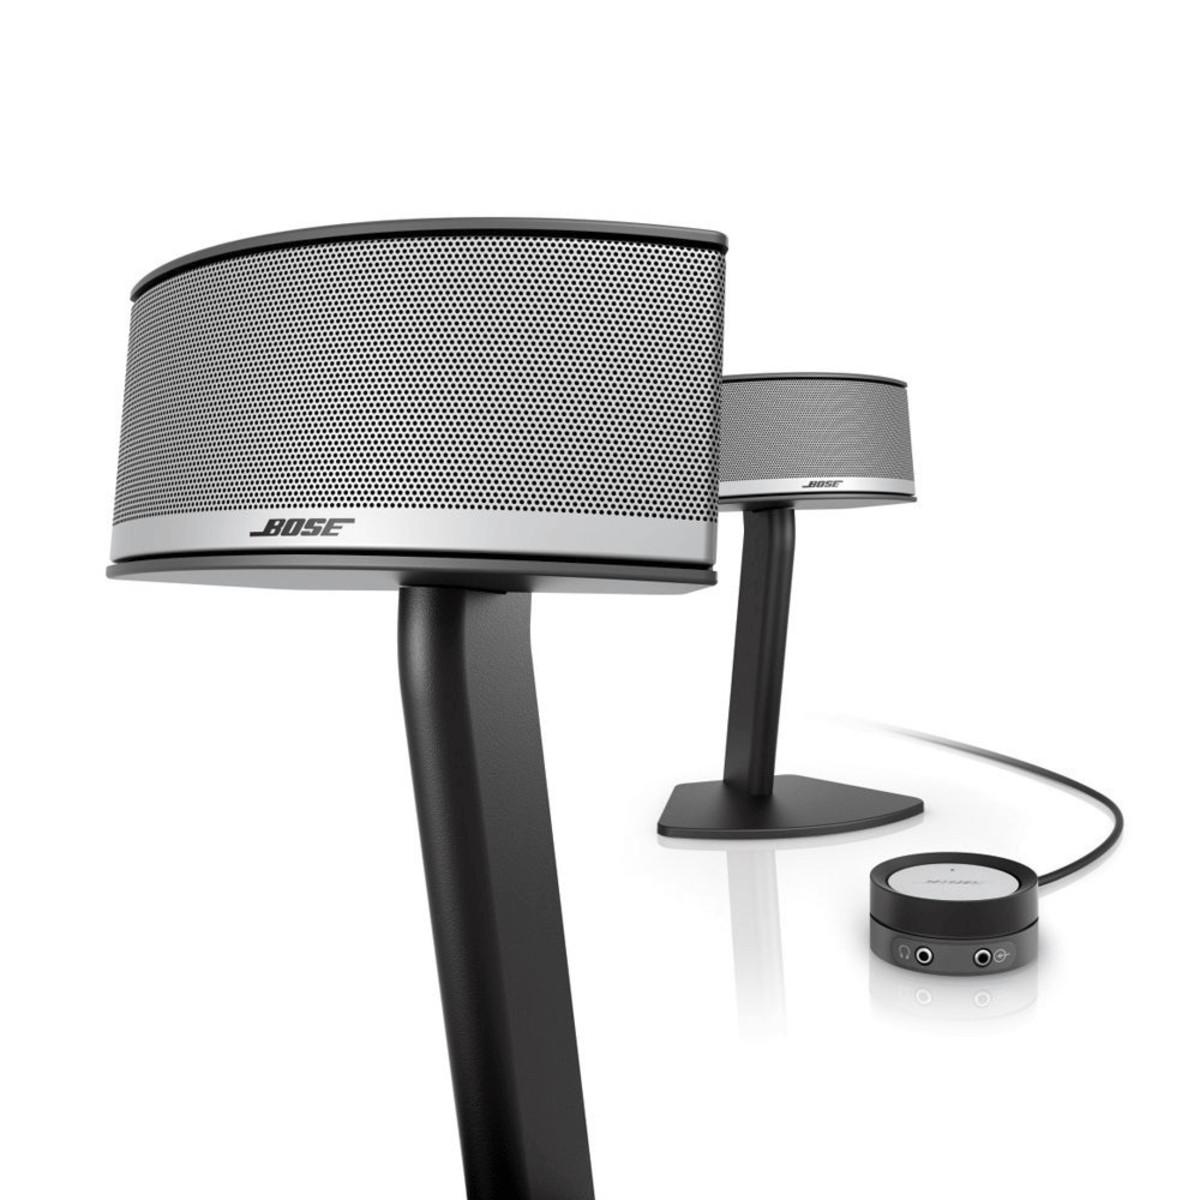 syst me de haut parleur multim dia bose companion 5 disque graphite. Black Bedroom Furniture Sets. Home Design Ideas